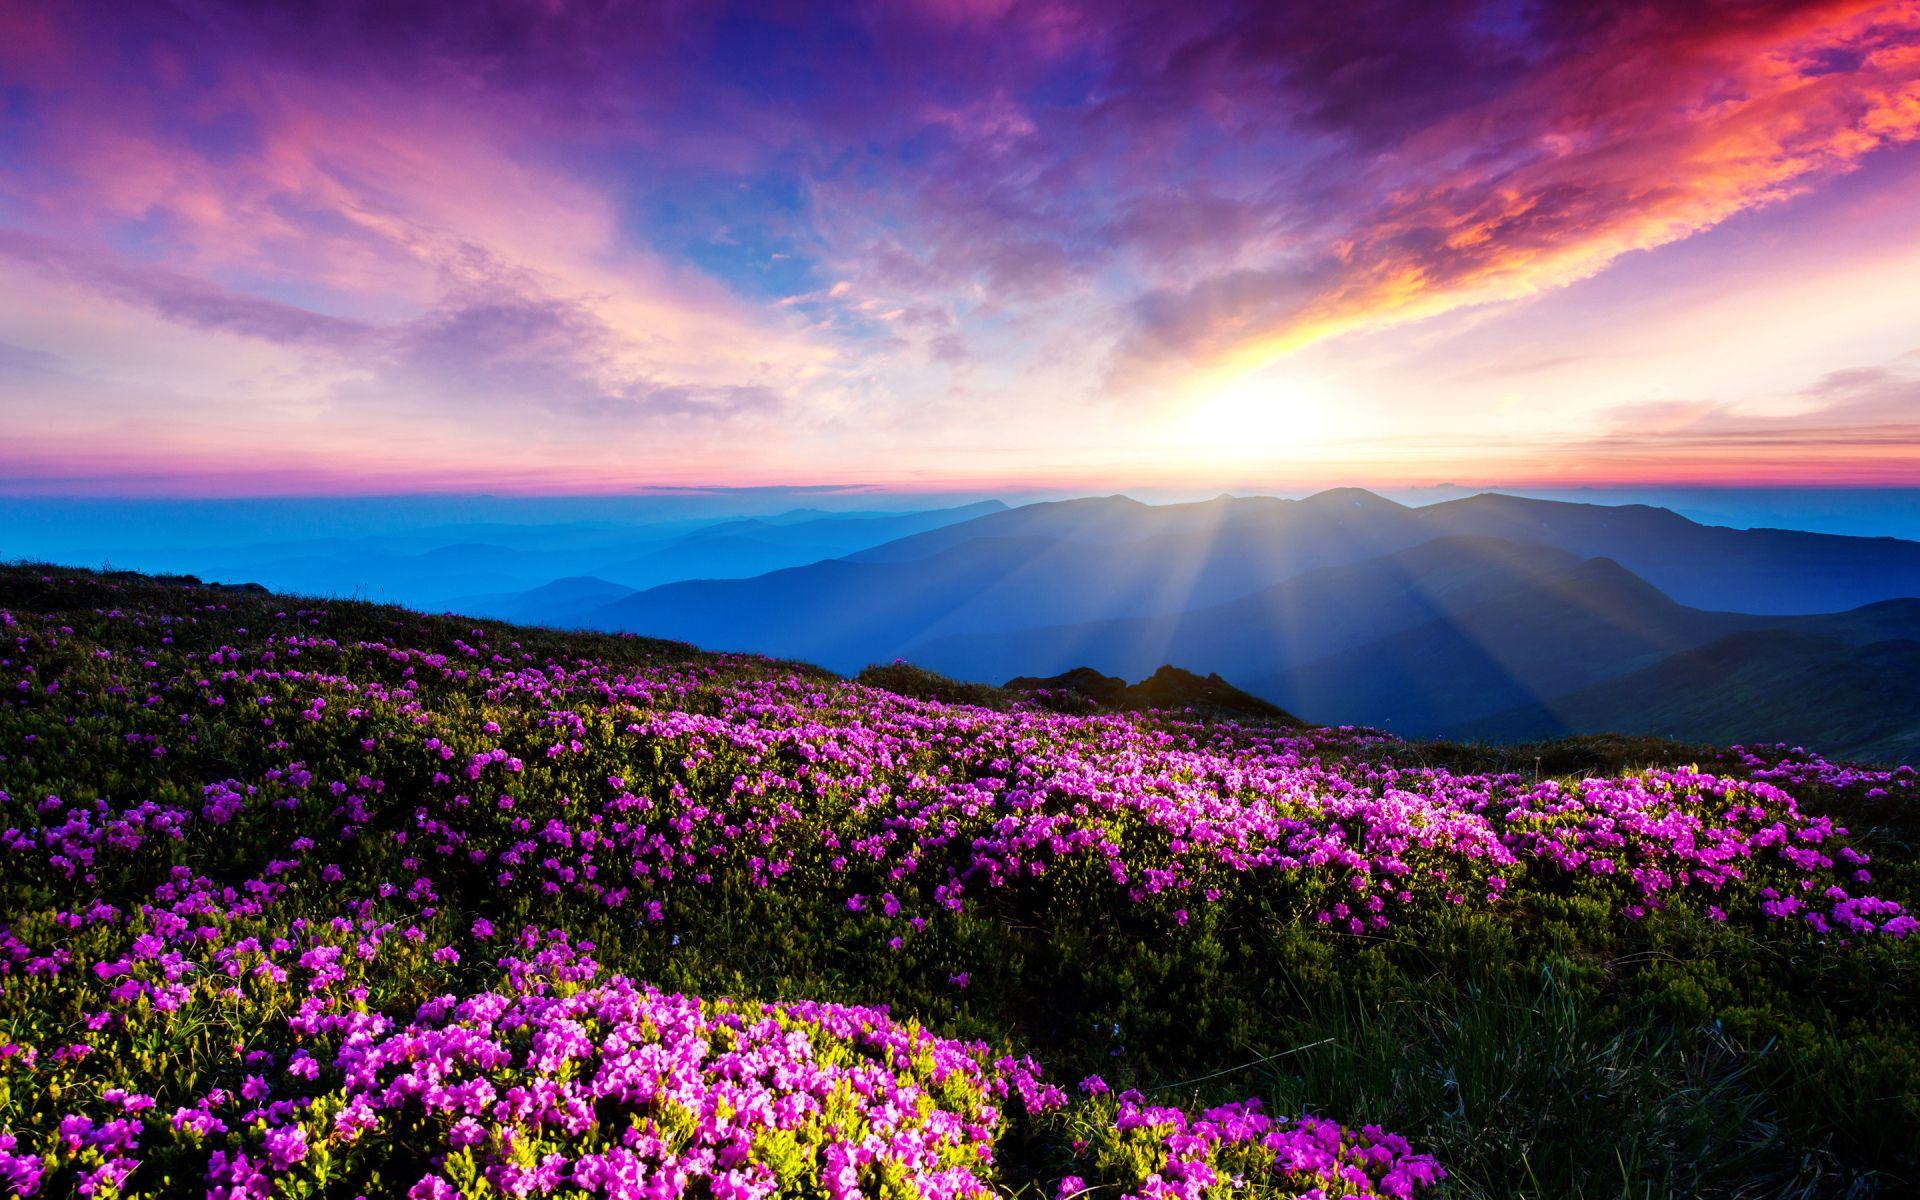 Terre Nature Montagne Nuage Fleur Pink Flower Rayon De Soleil Paysage Ciel Fond D Ecran Paysage Ciel Paysage Photographe Nature